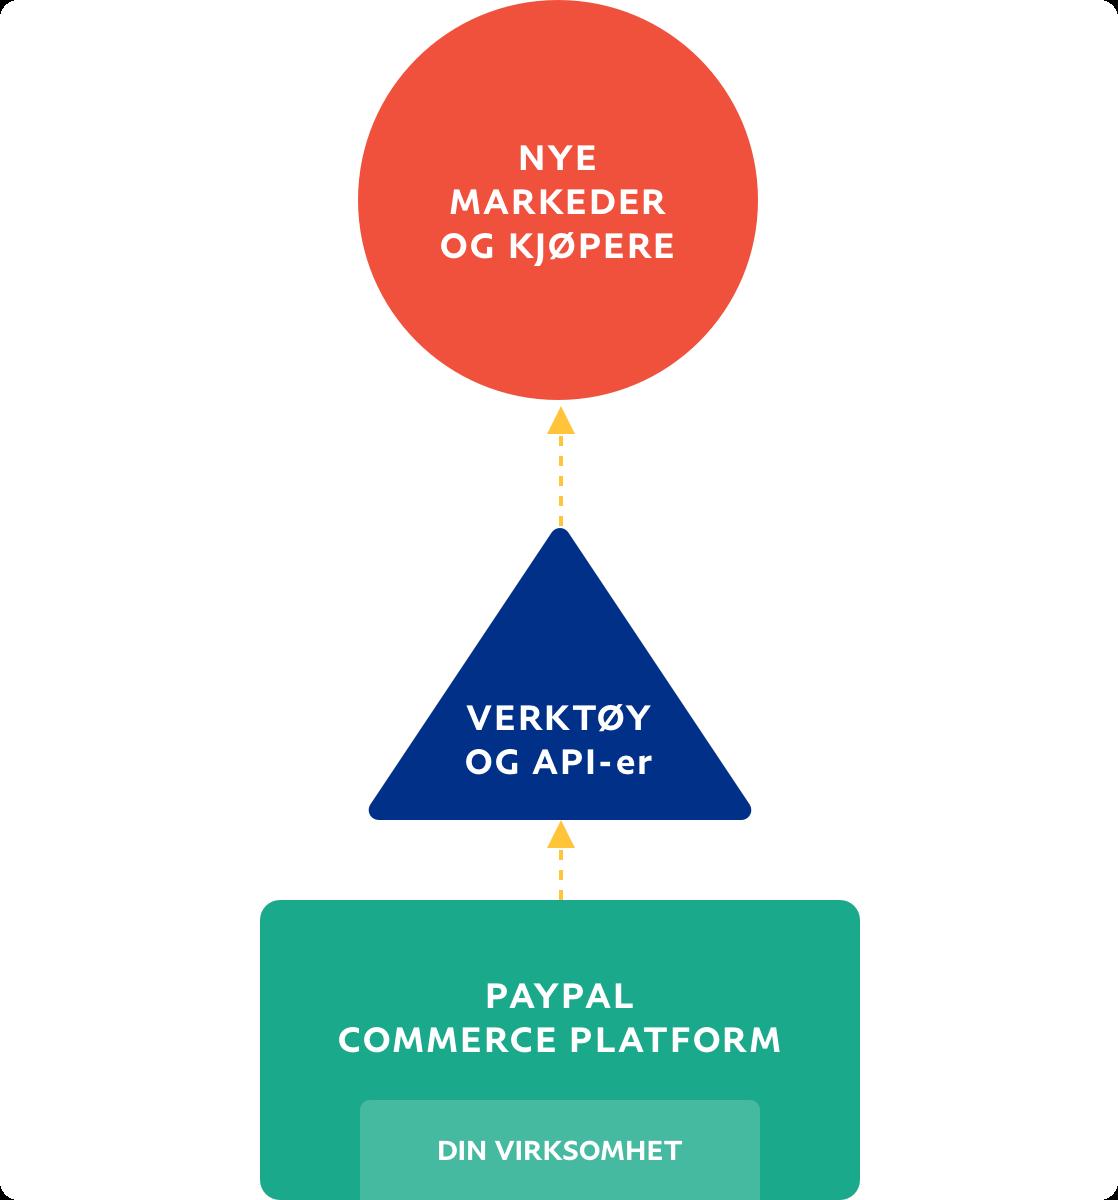 Flytskjema som viser flyt fra virksomhet til nye markeder og kjøpere.